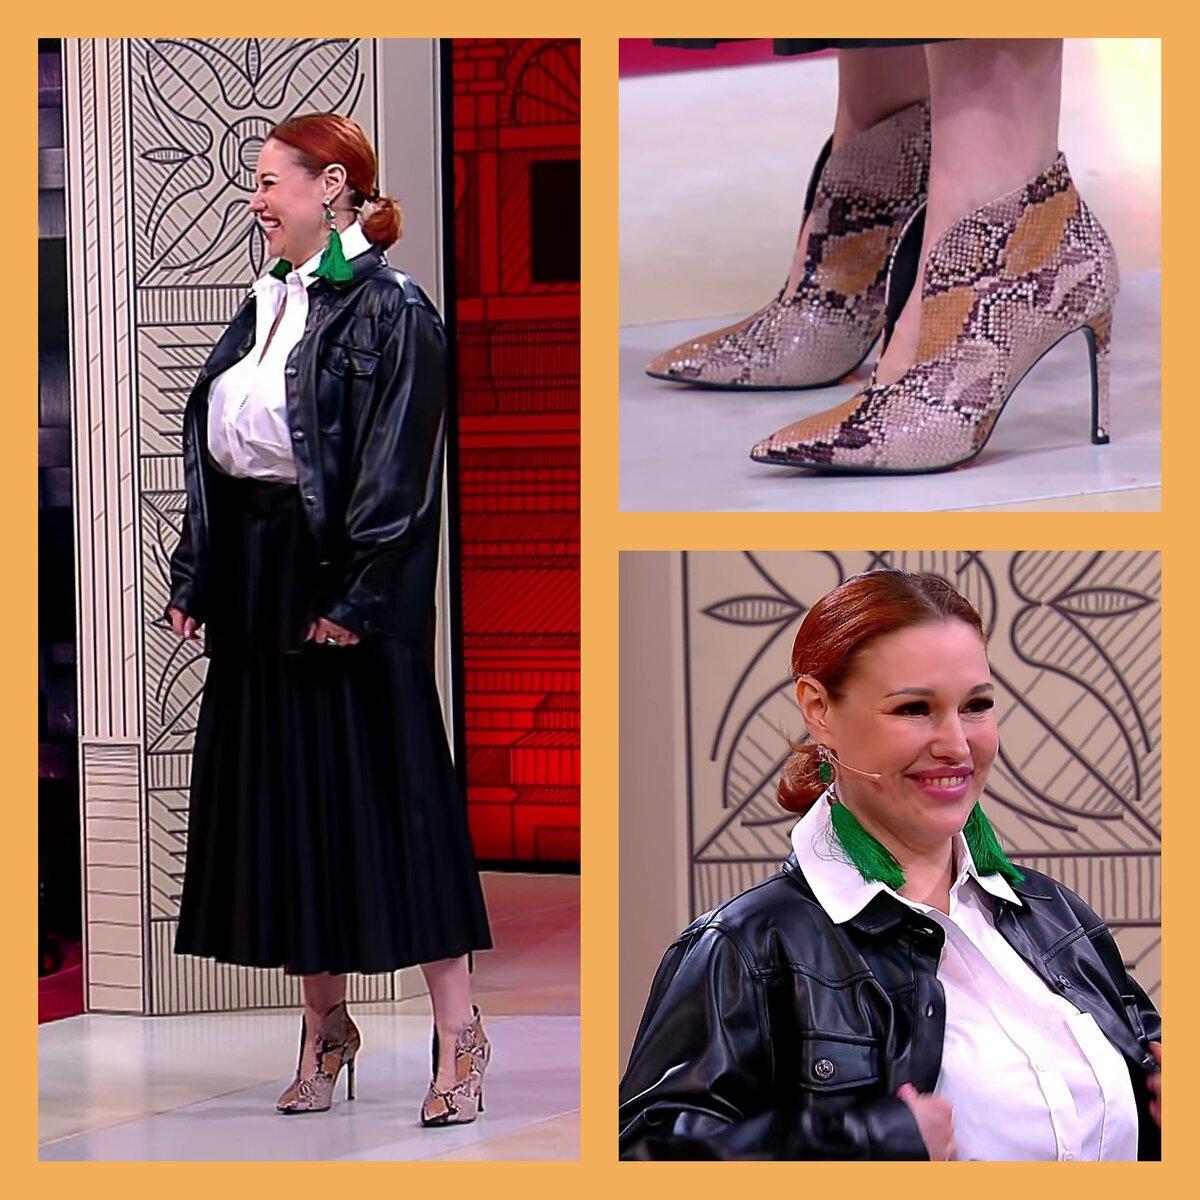 На «Модном приговоре» переодели очень красивую 43-летнюю женщину, похожую на Монику Белуччи